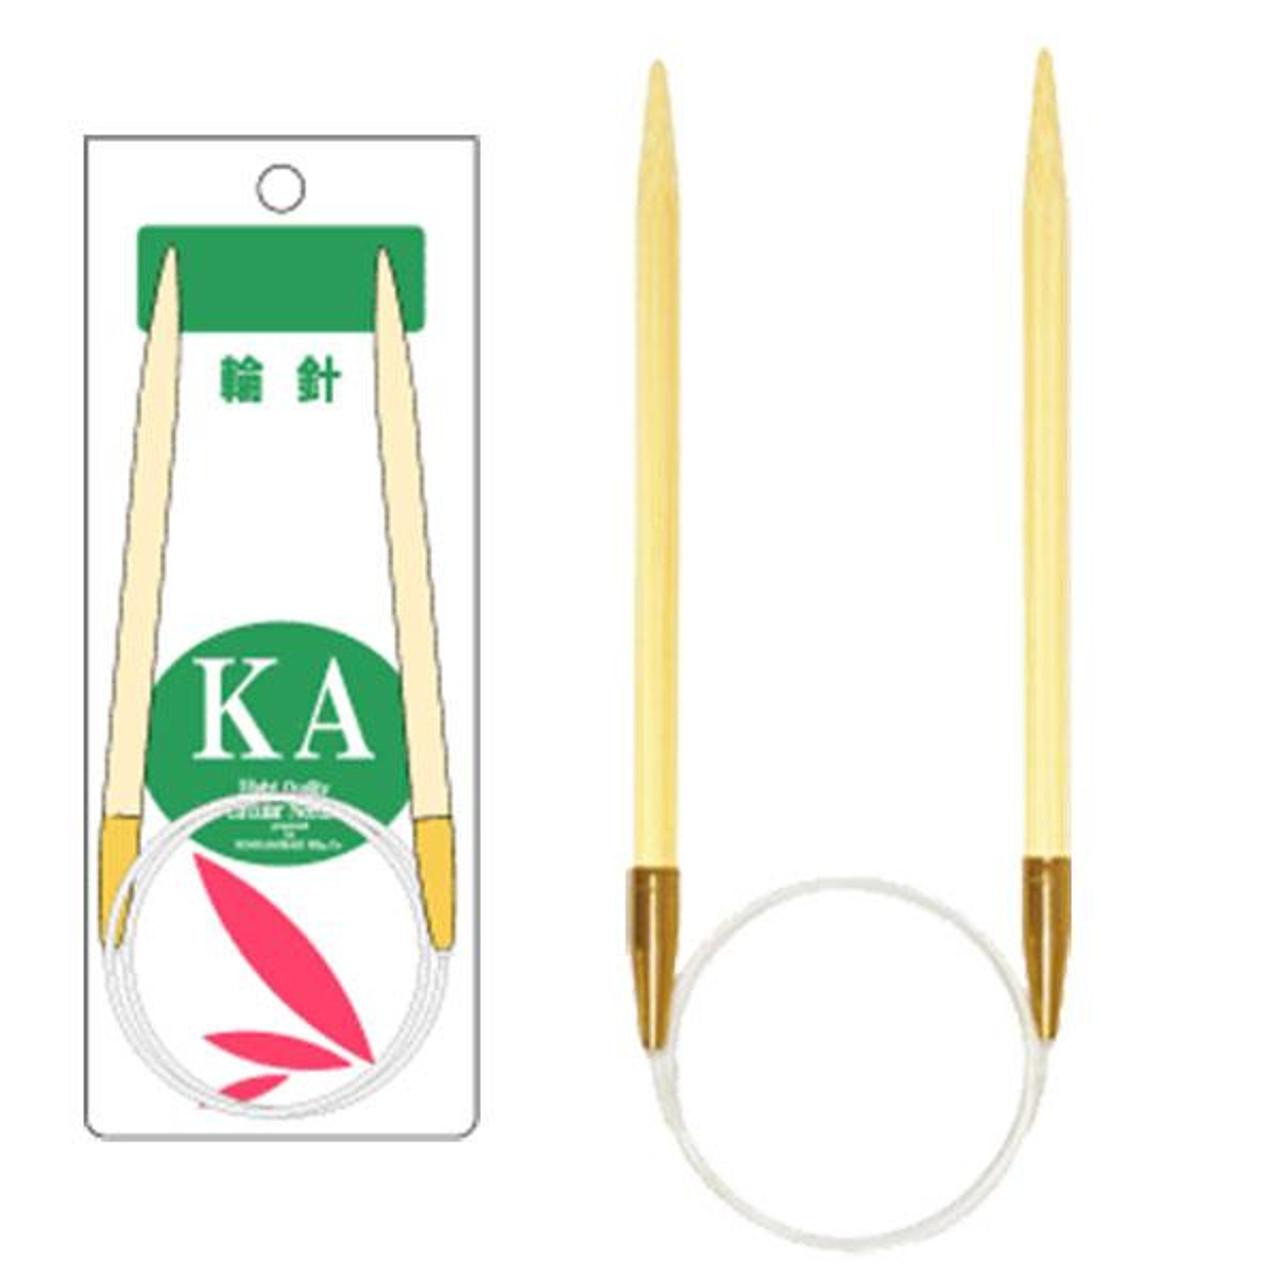 ka bamboo circular needle sets 42324.1557241650